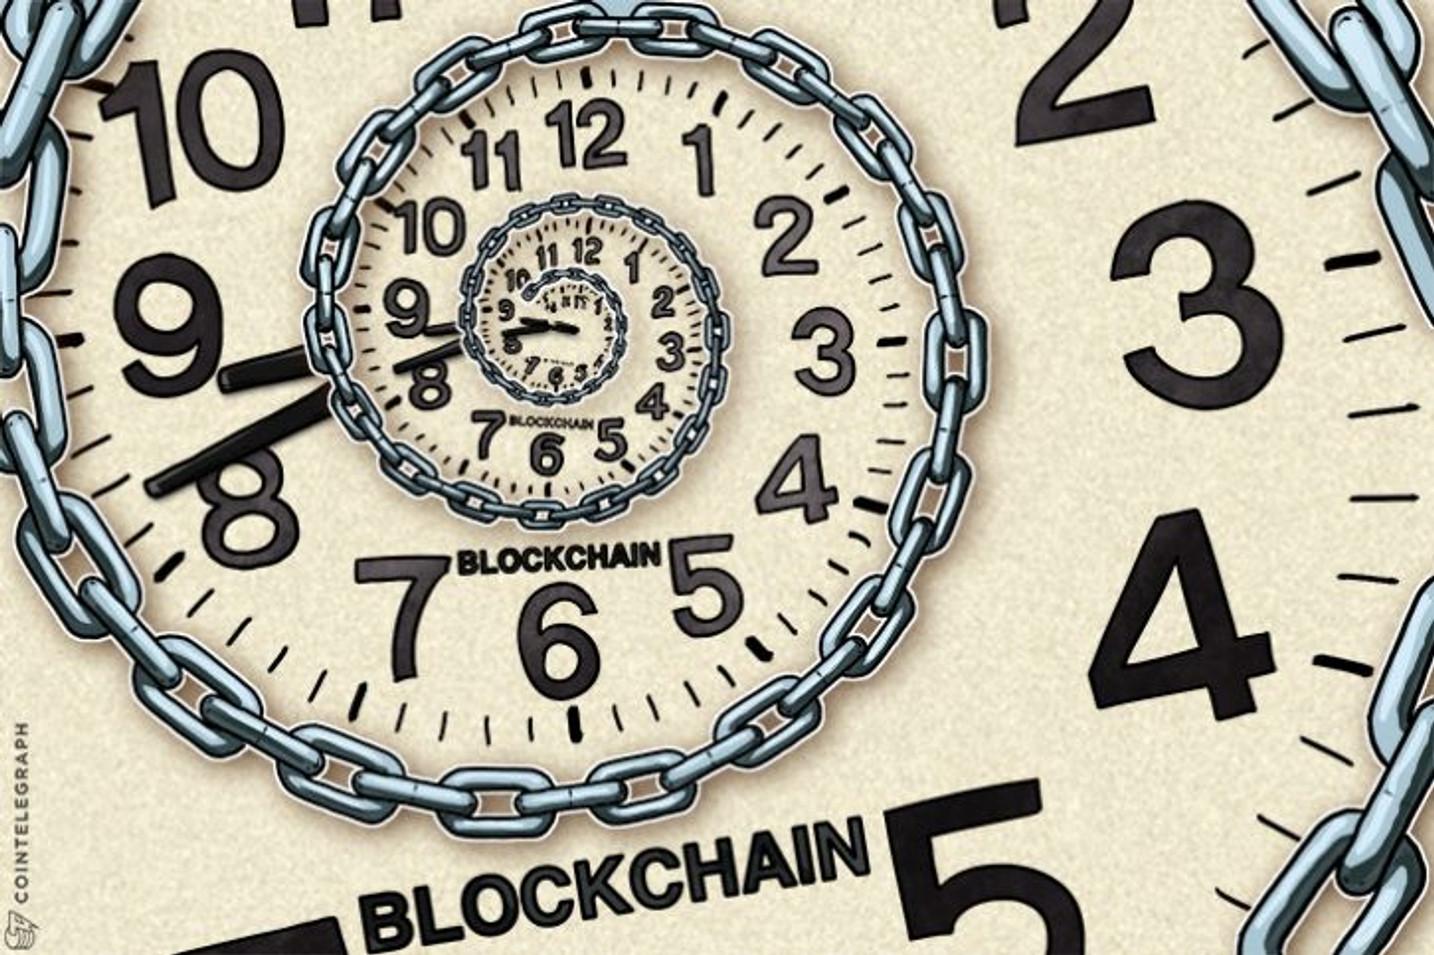 World Economic Forum Blockchain White Paper Gets Warm Reception